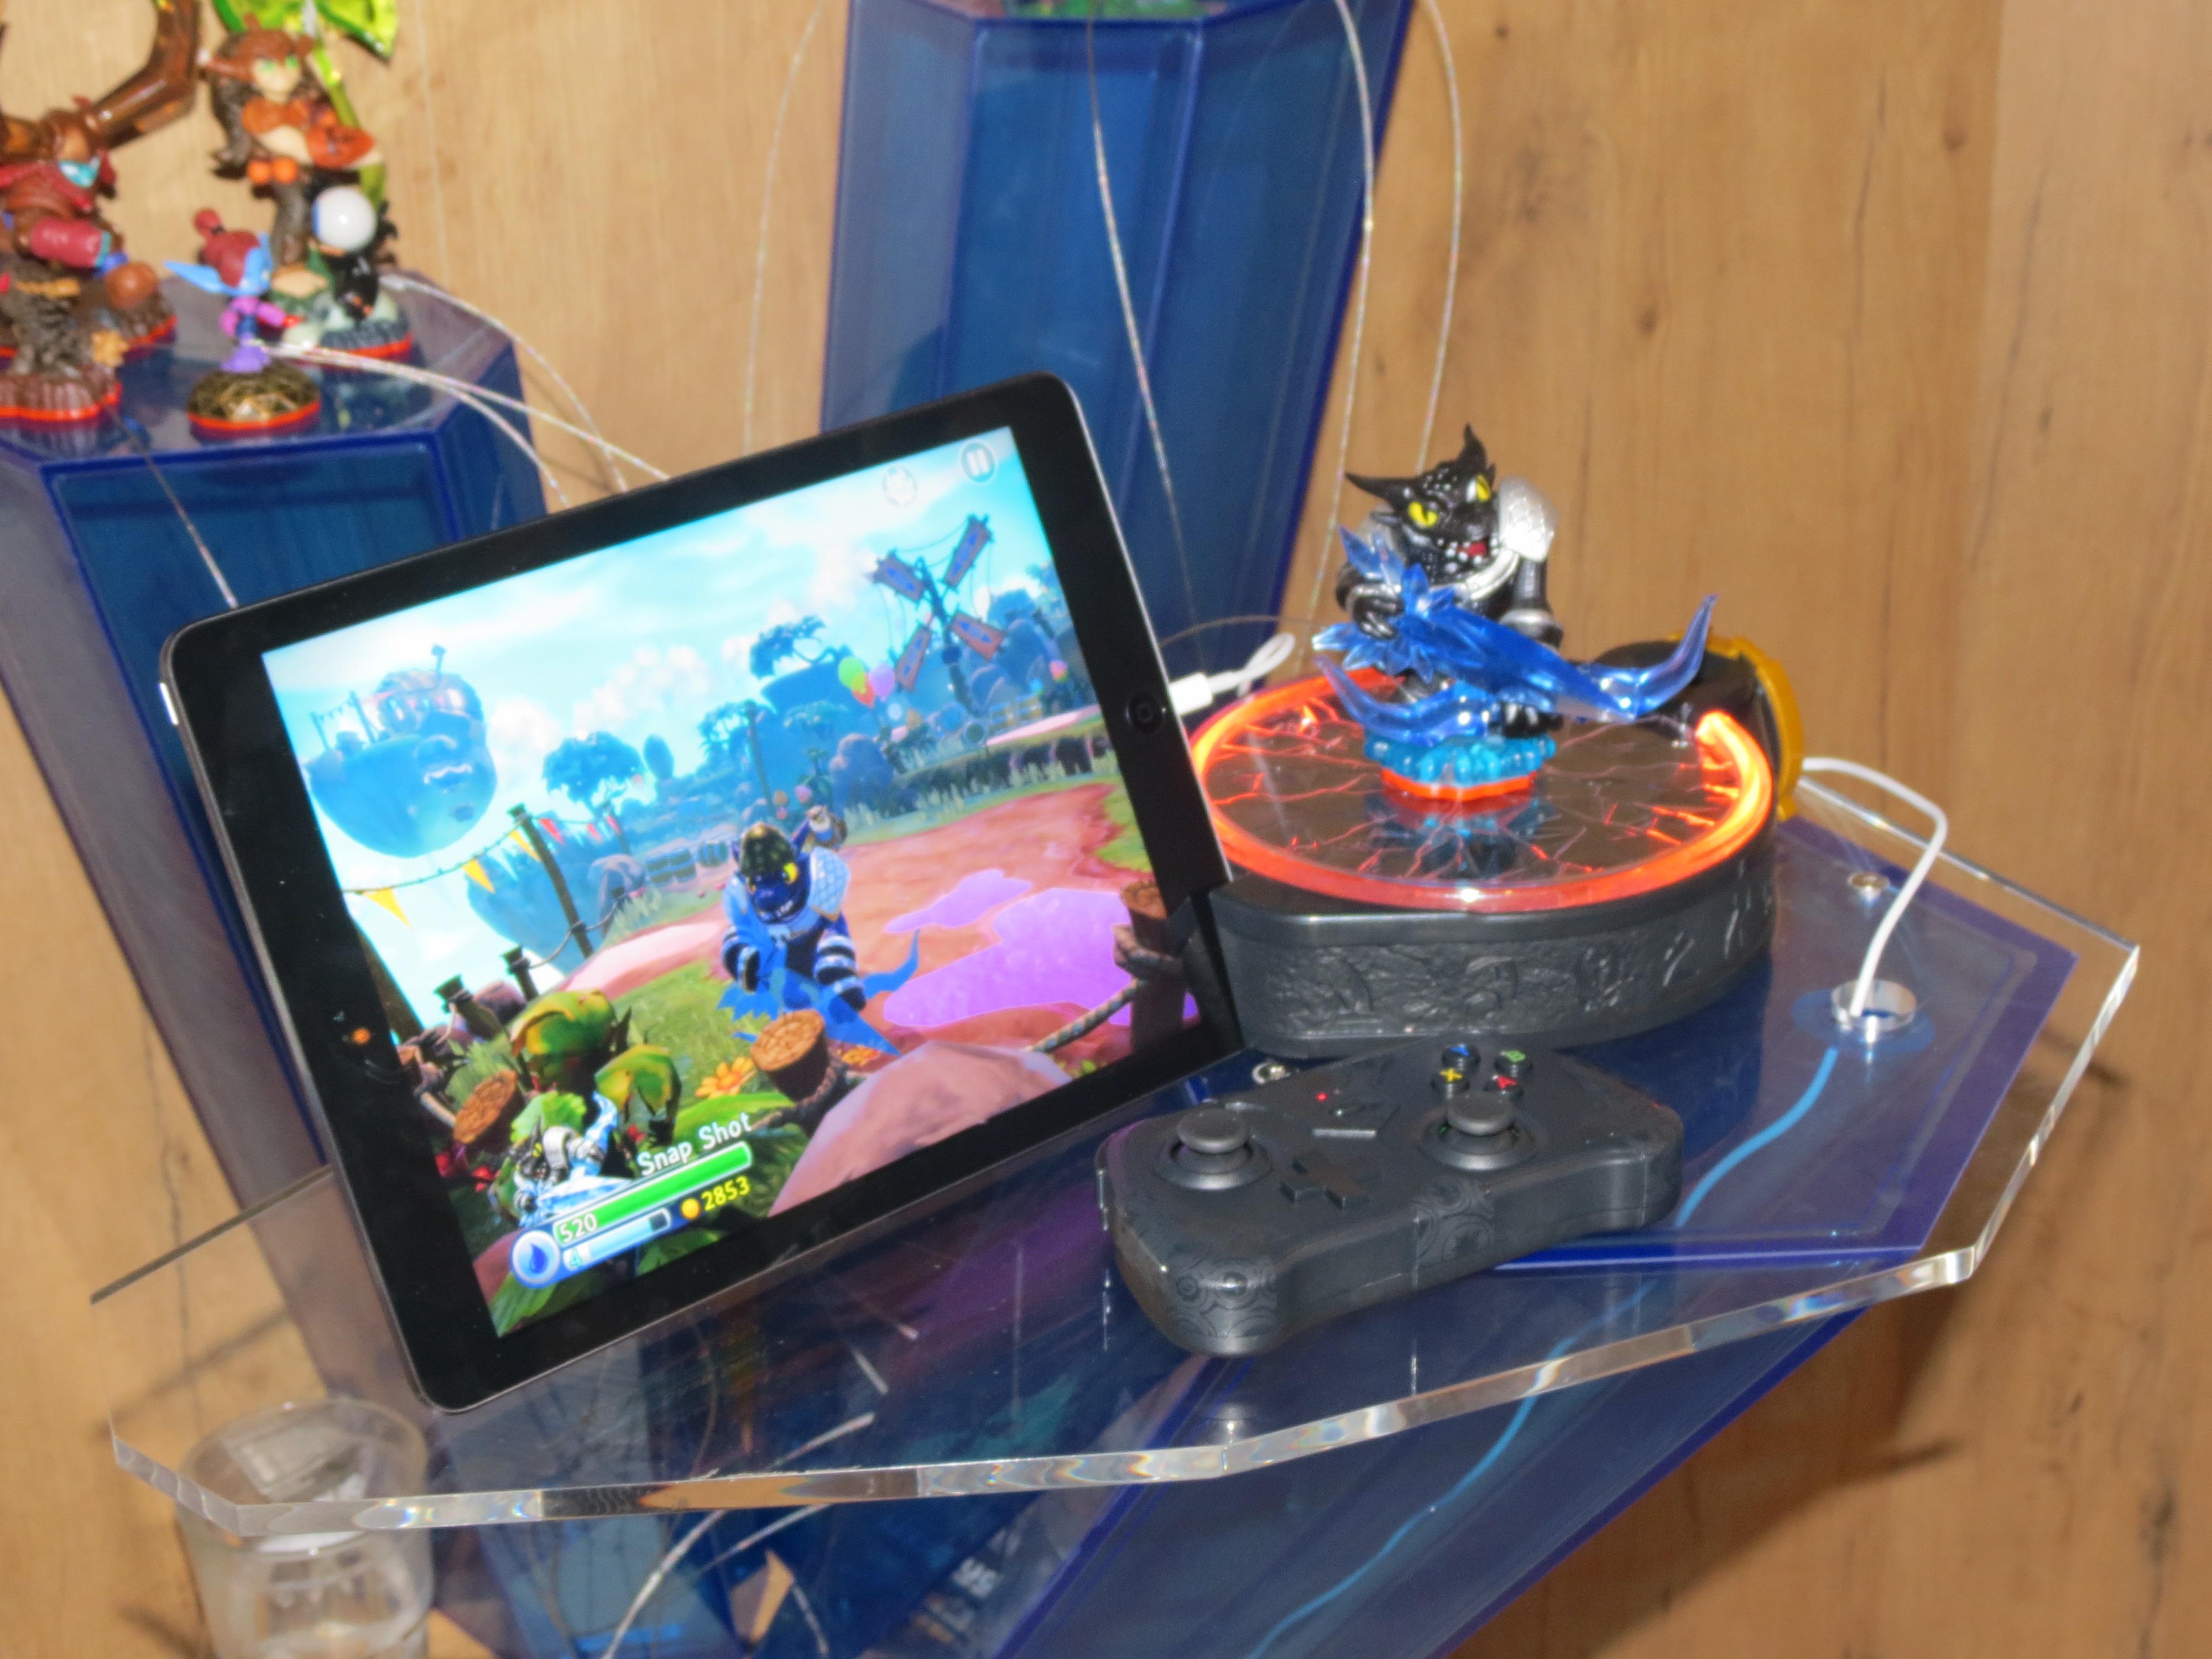 Gamescom 2014 – Prima întâlnire cu Skylanders: Trap Team, un joc interesant, pentru cei mici